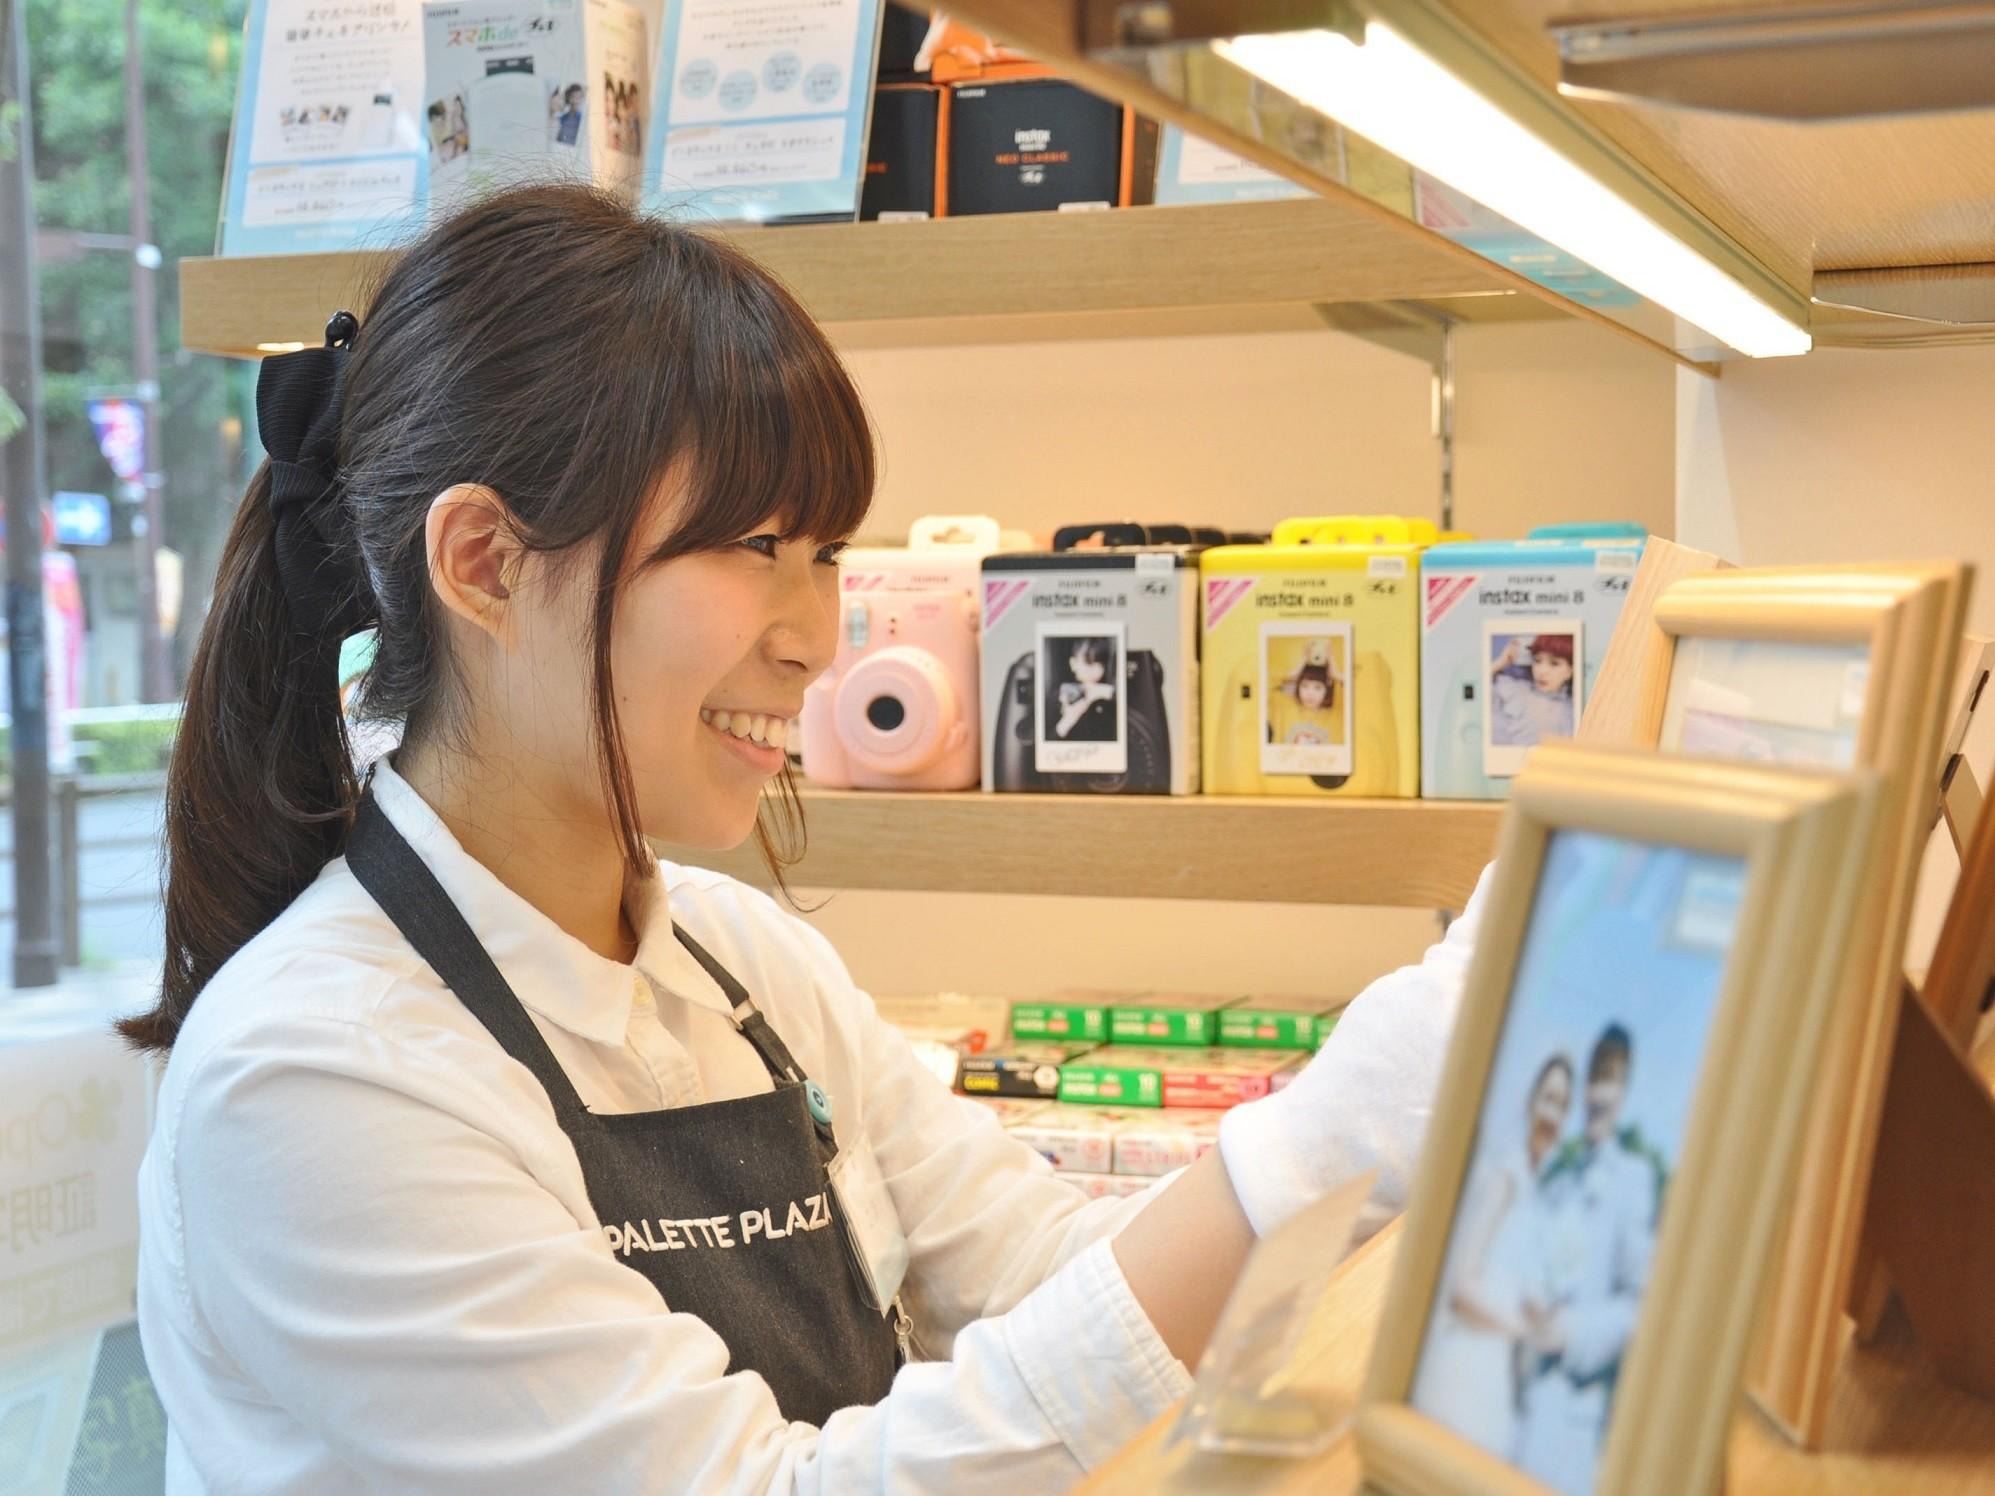 パレットプラザ イオンモール筑紫野店 のアルバイト情報